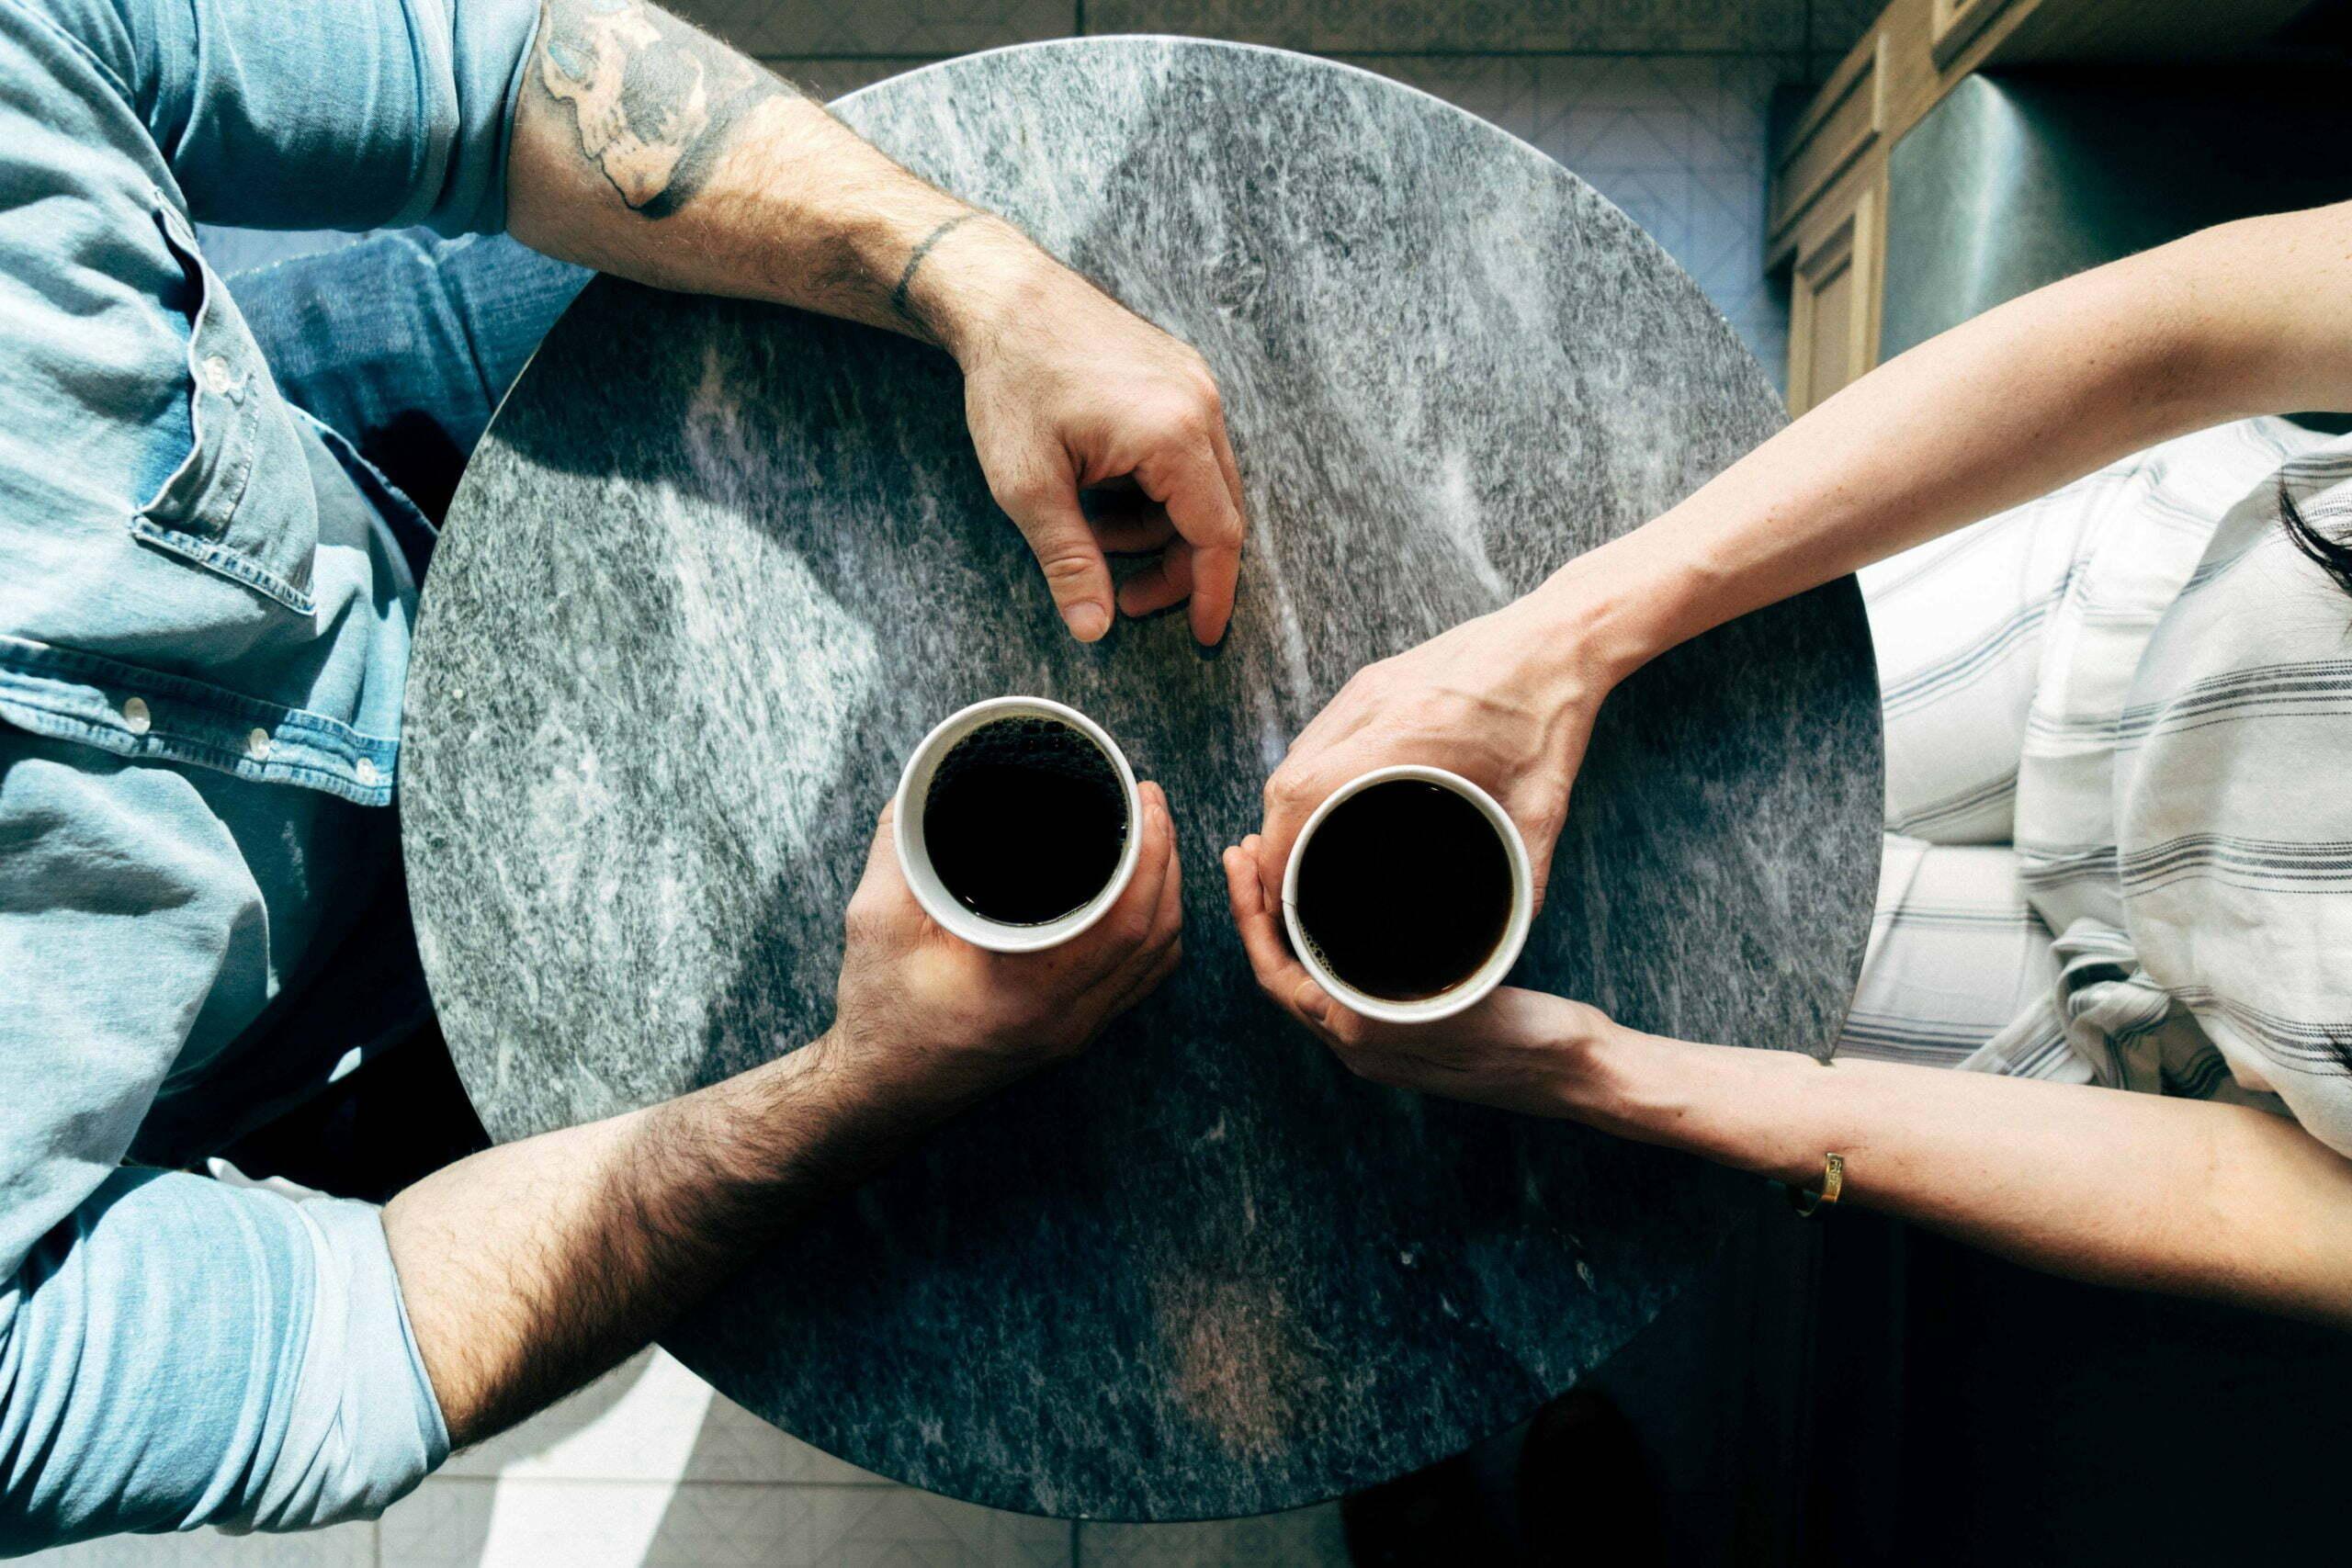 Två personer samtalar över var sin mugg med kaffe